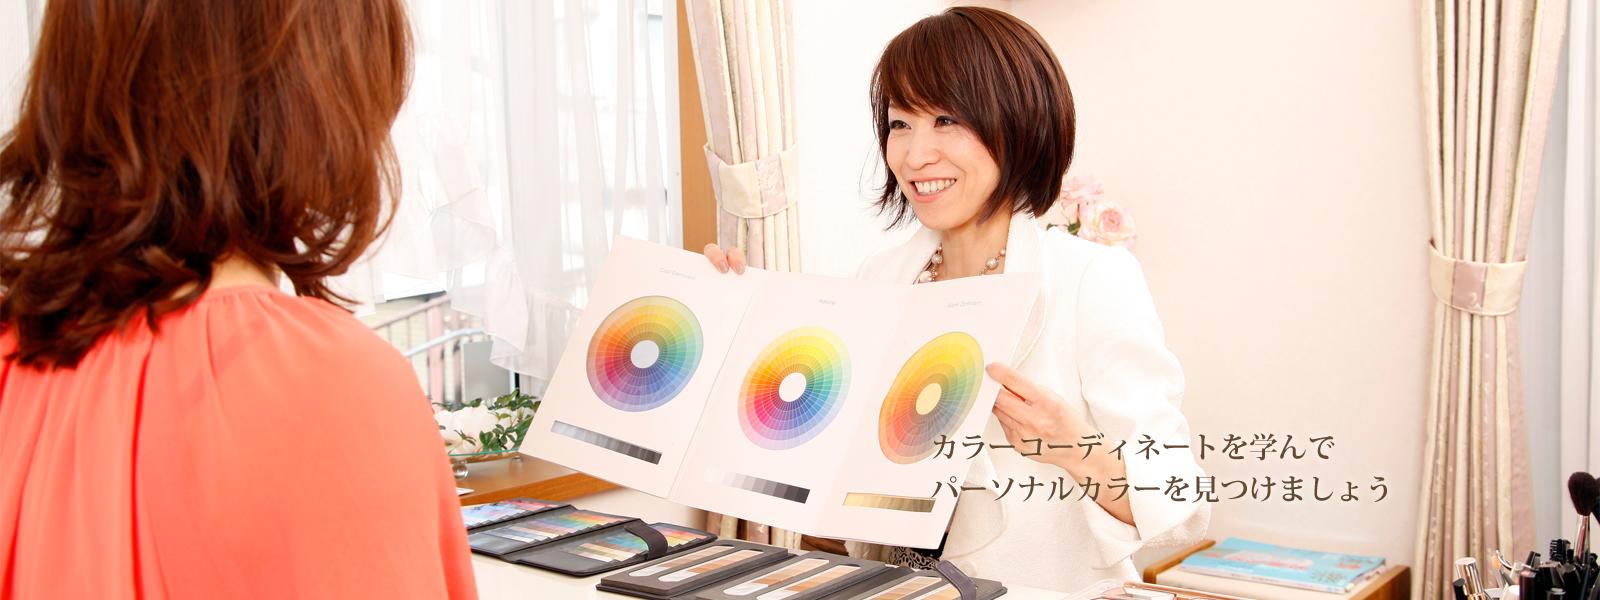 カラーコーディネートを学んでパーソナルカラーを見つけましょう